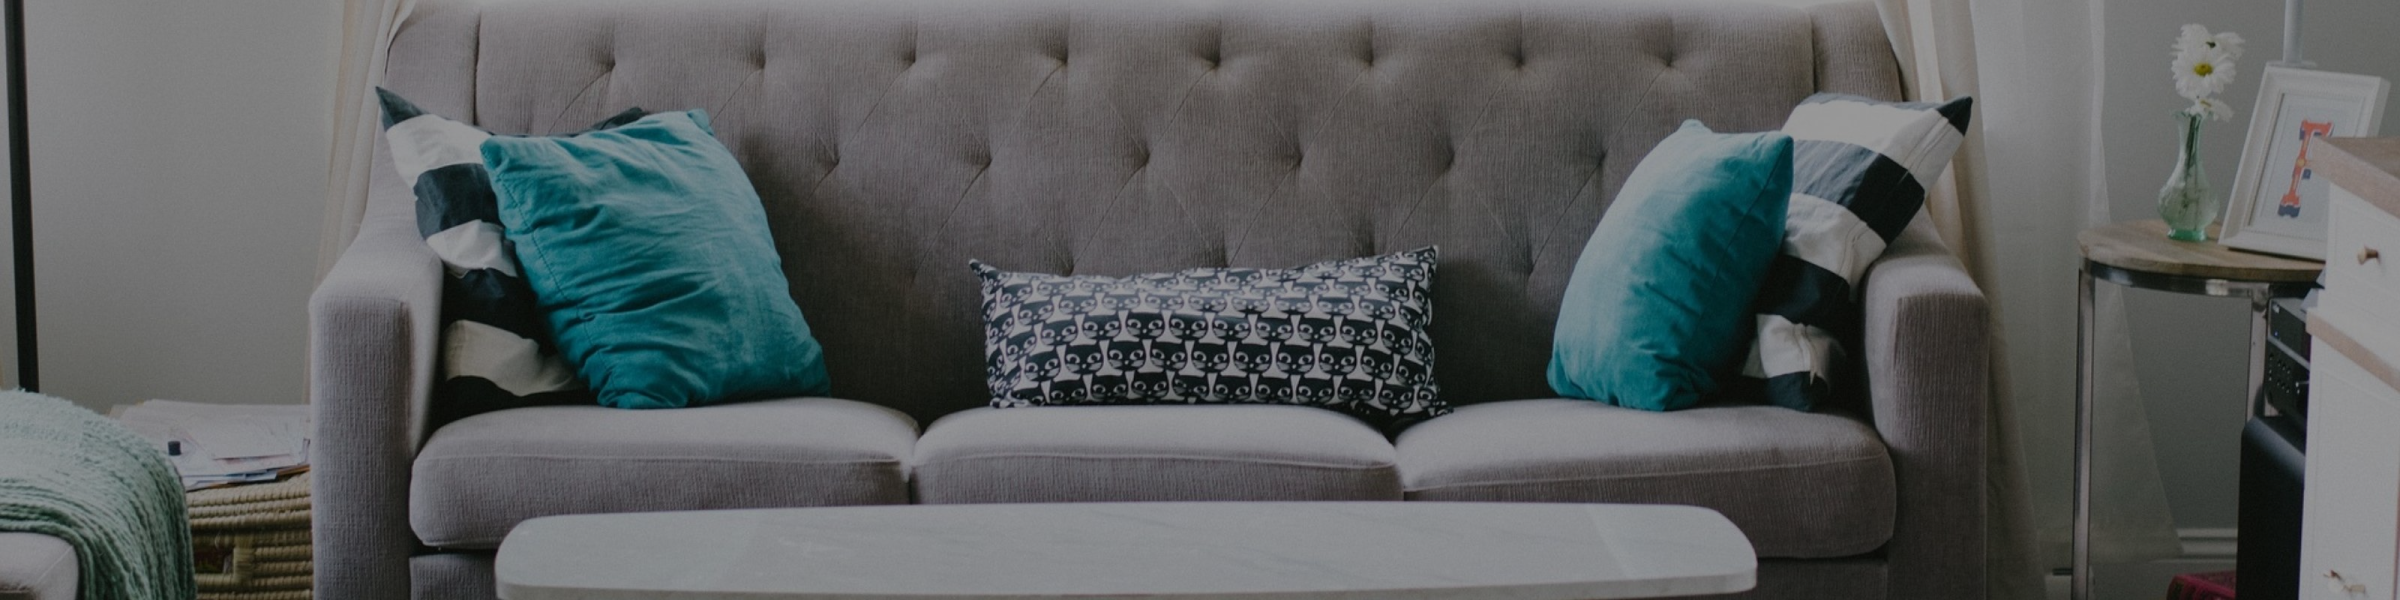 10 Best Upholstery Contractors In Fourways